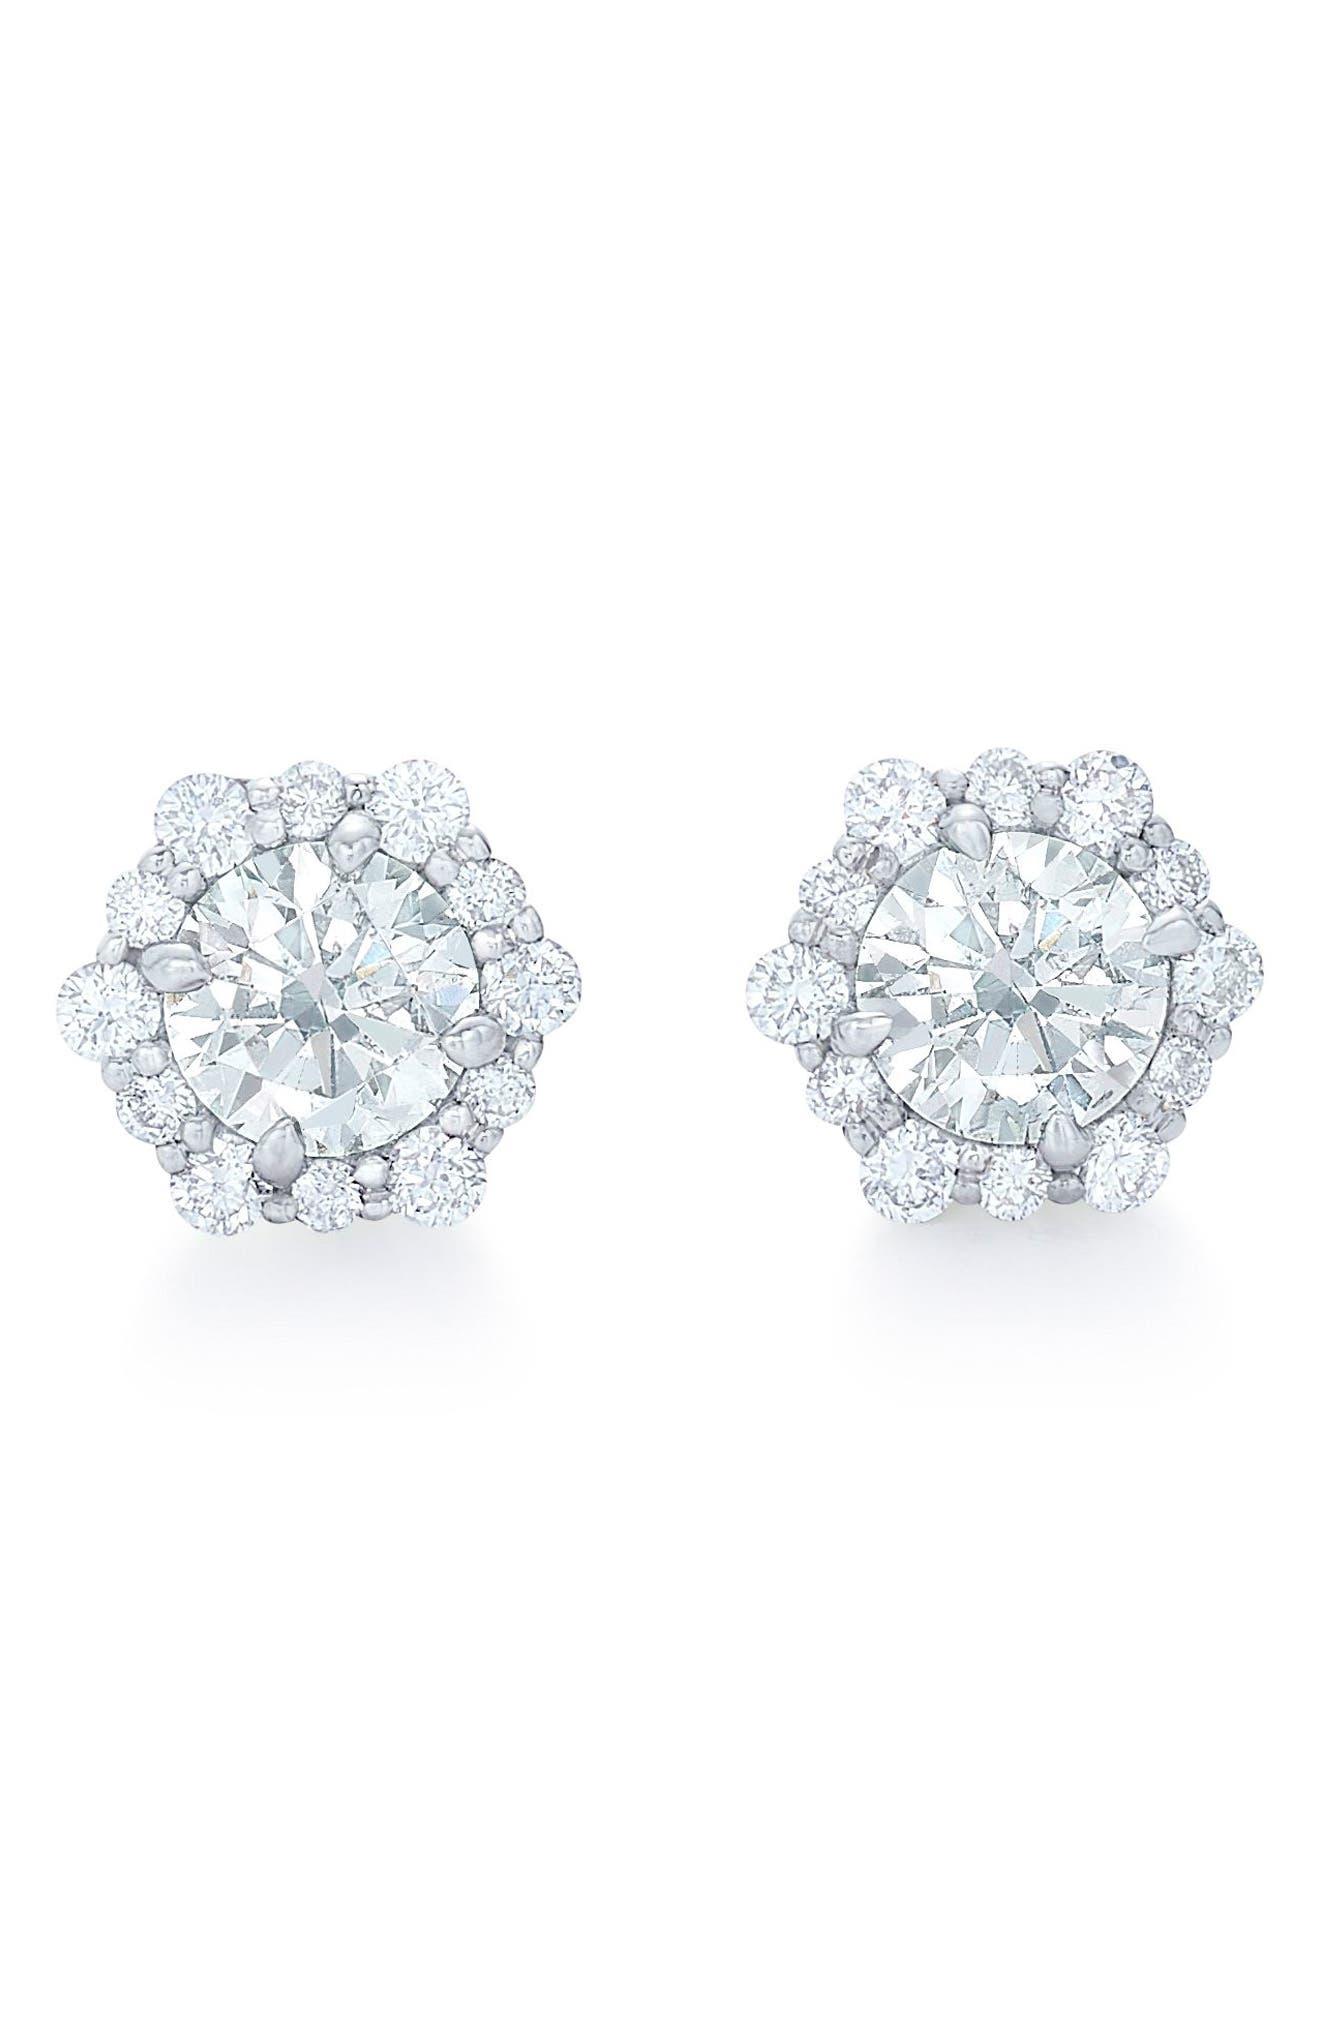 Main Image - Kwiat Diamond Halo Stud Earrings